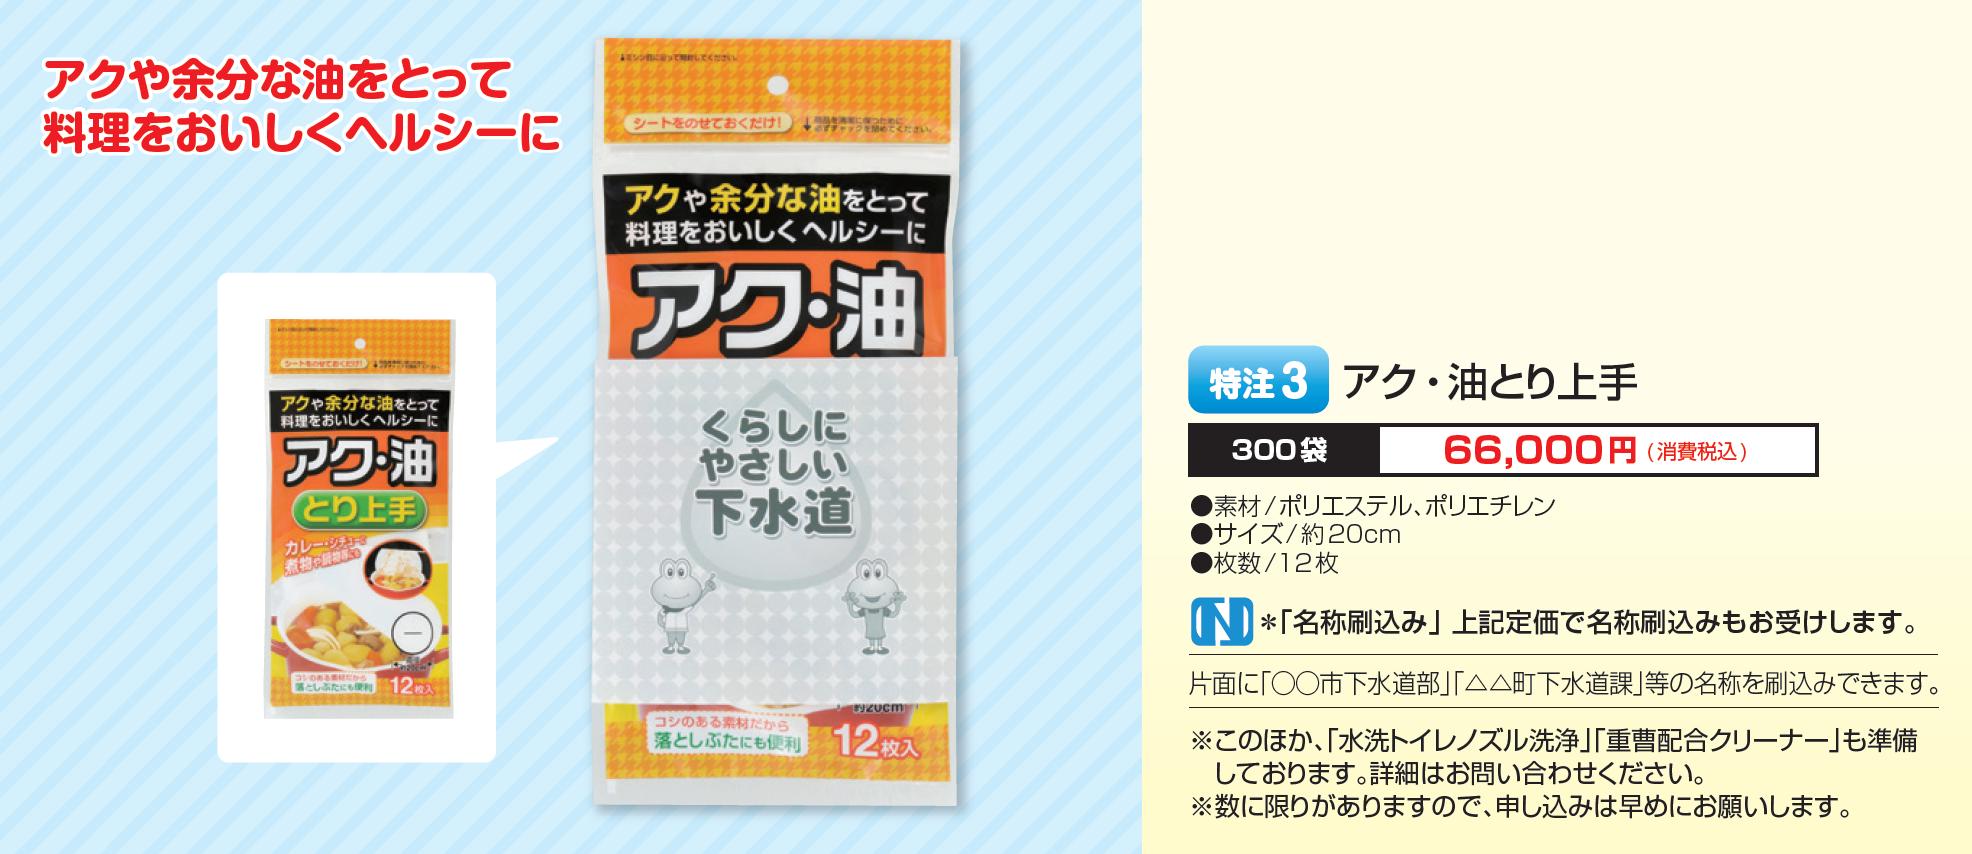 【製品No.特注3】アク・油とり上手